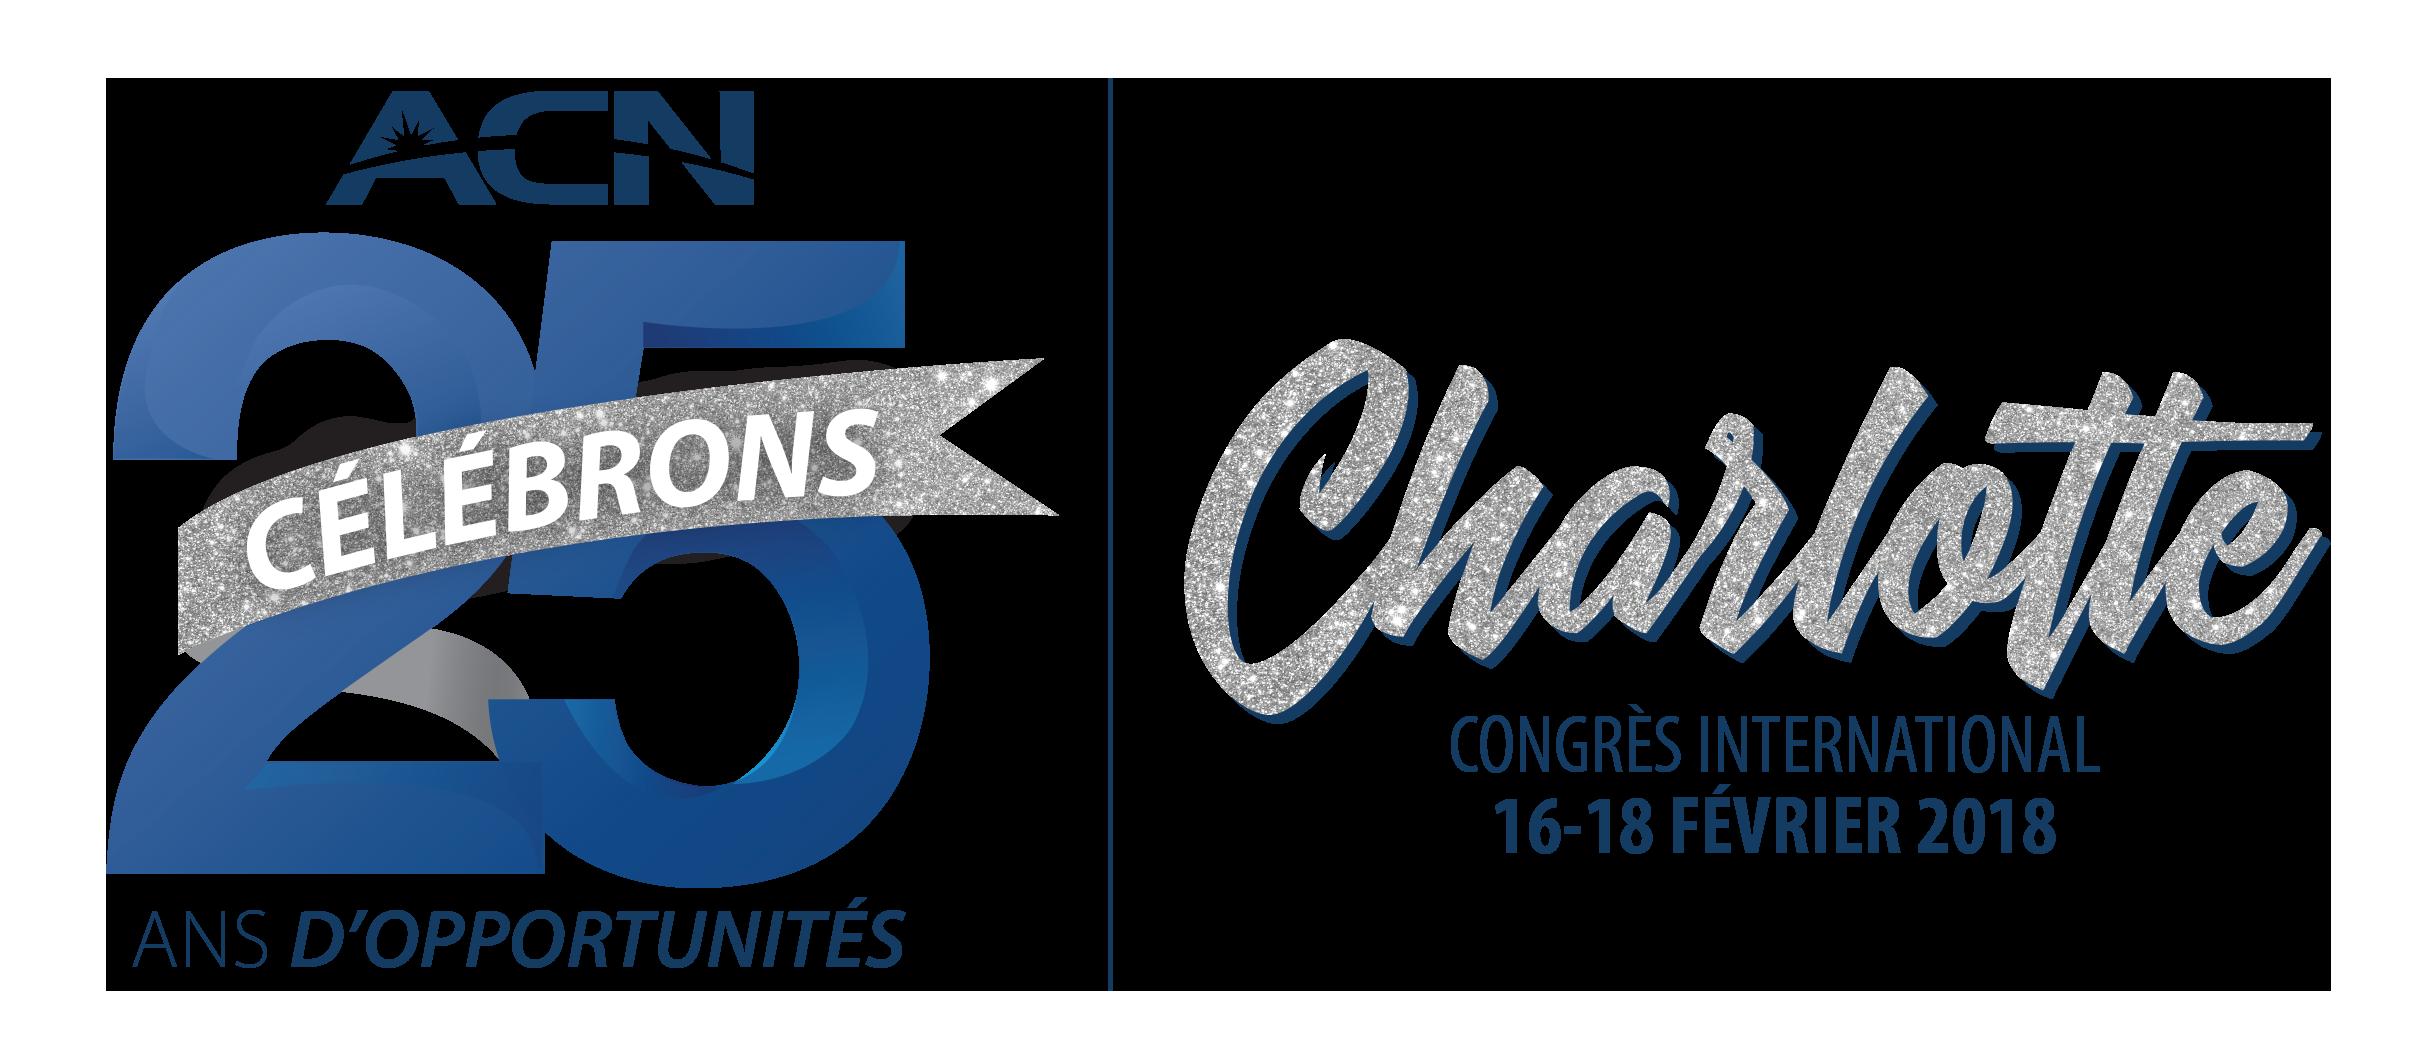 ACN célèbre son 25e anniversaire au Congrès international de formation de Charlotte, en Caroline du Nord